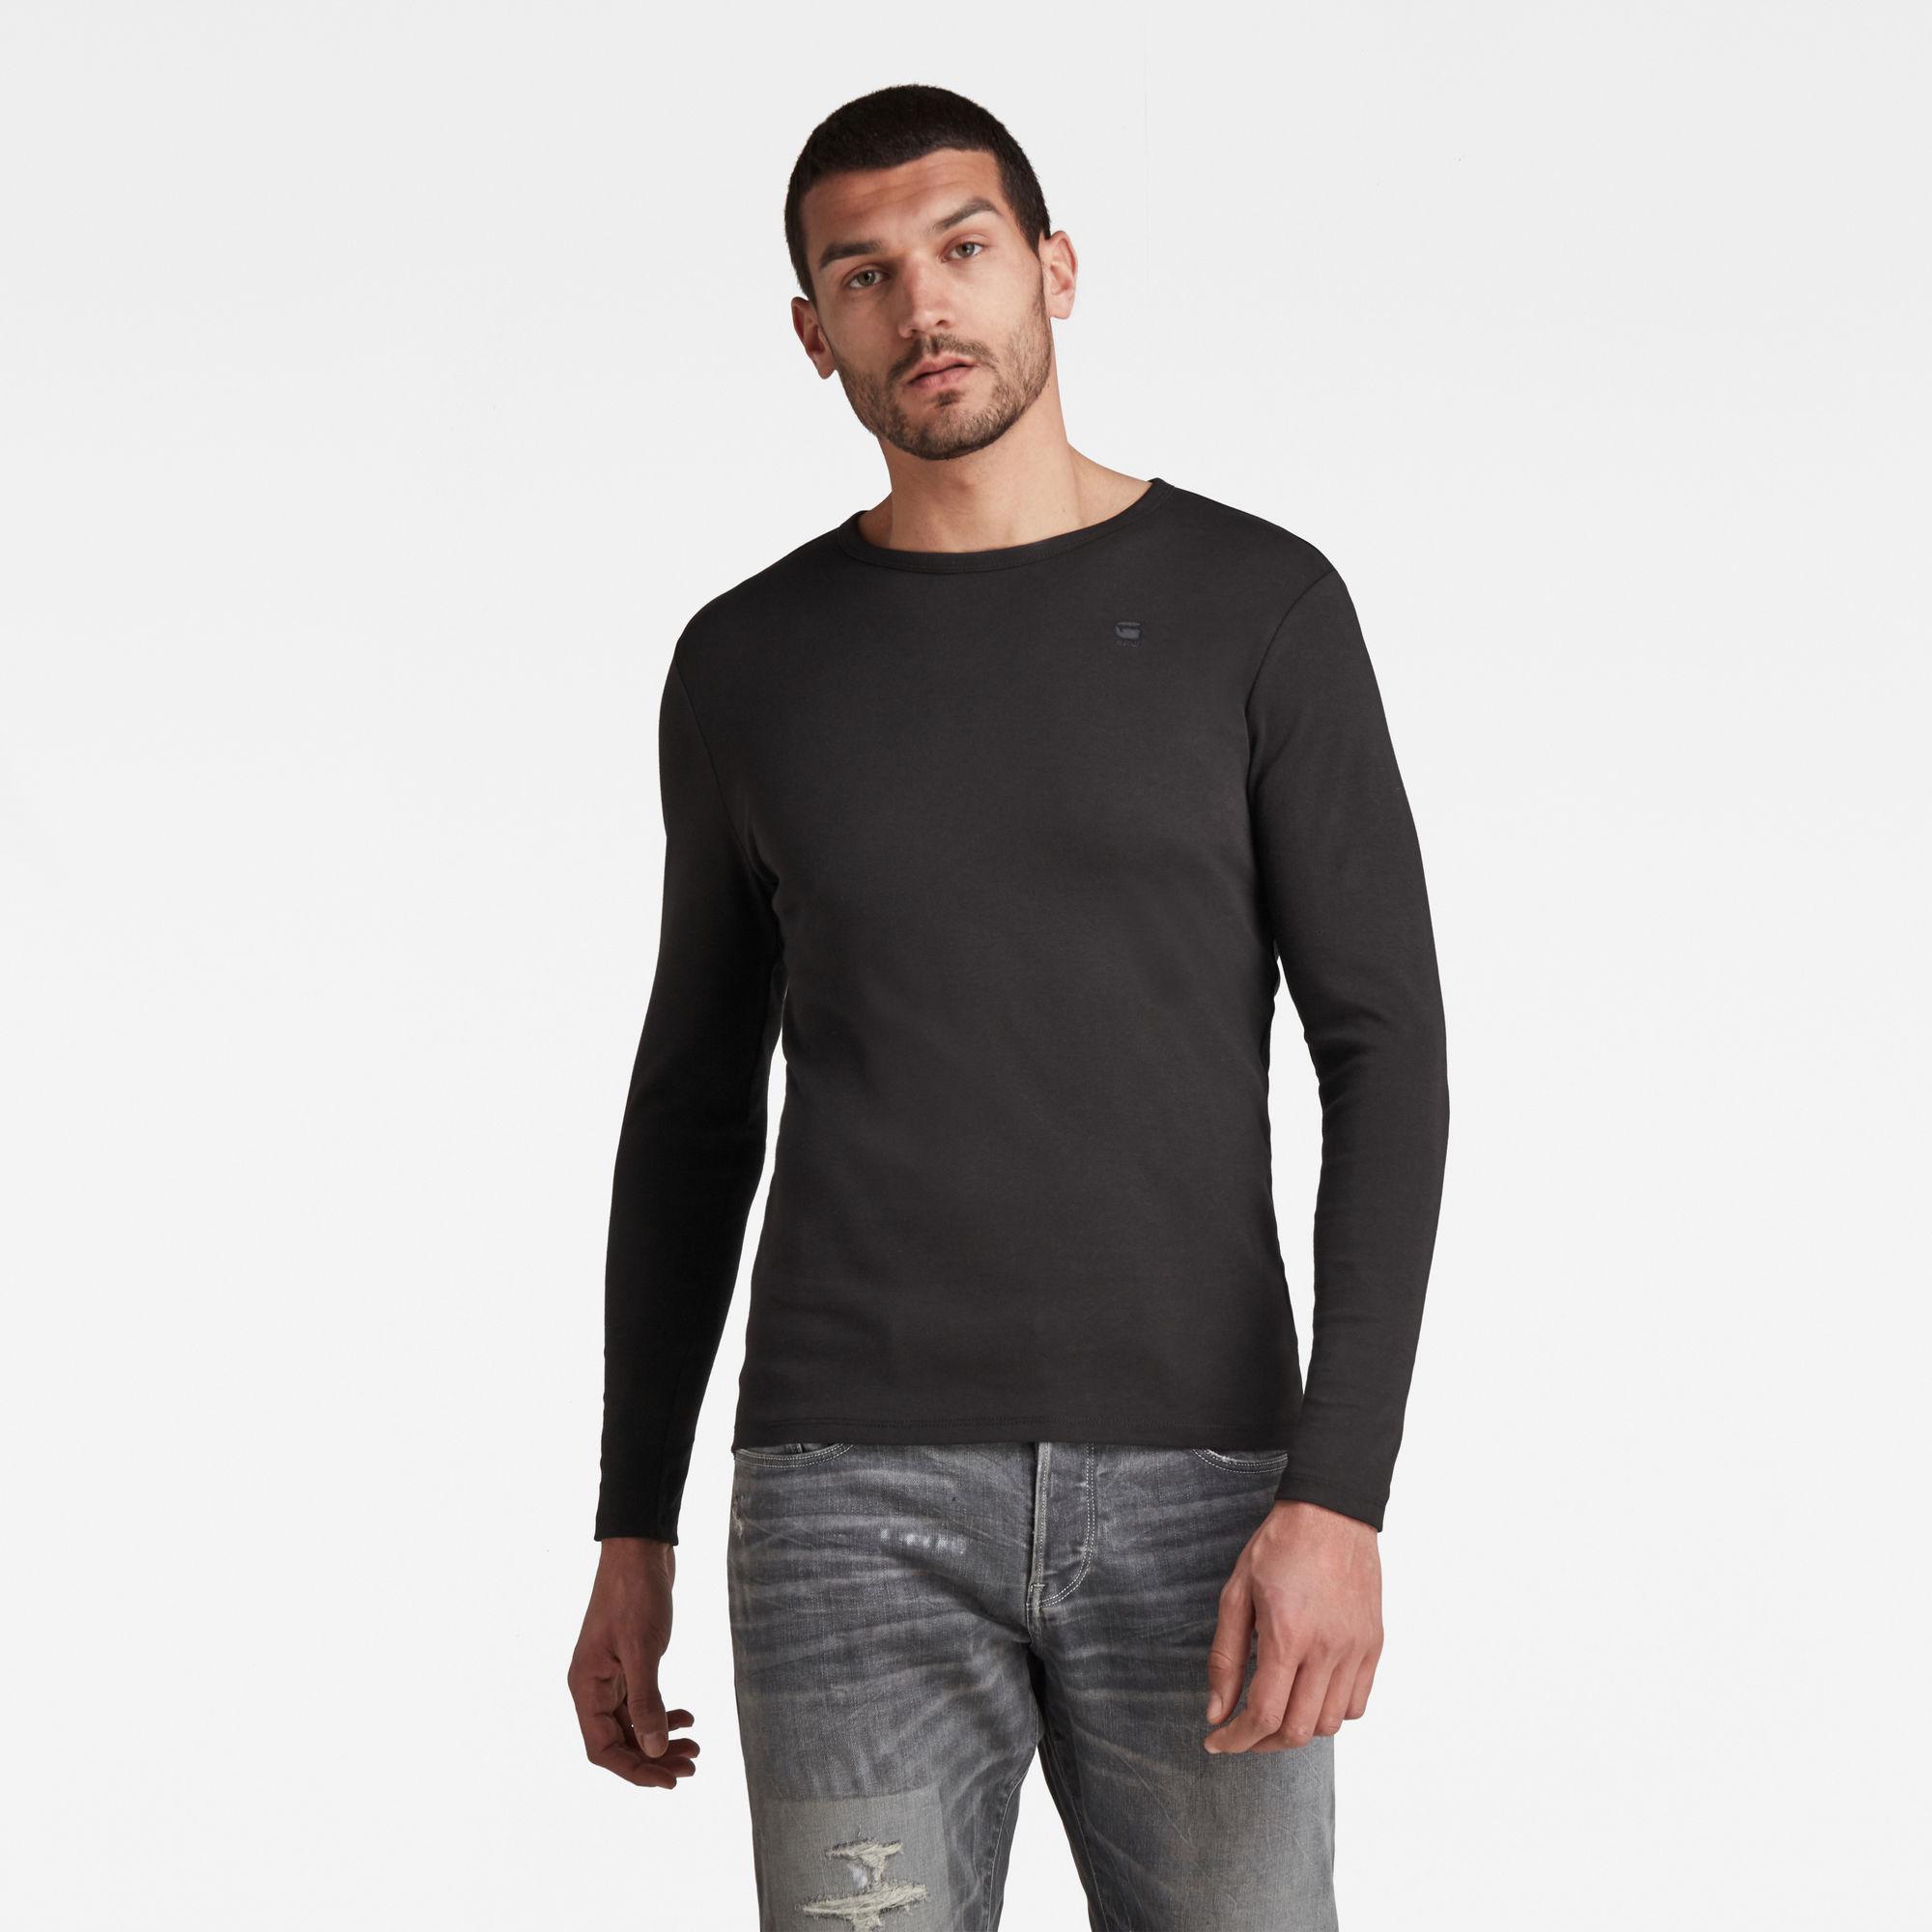 Image of G Star Raw Base Round Neck Long Sleeve T-Shirt